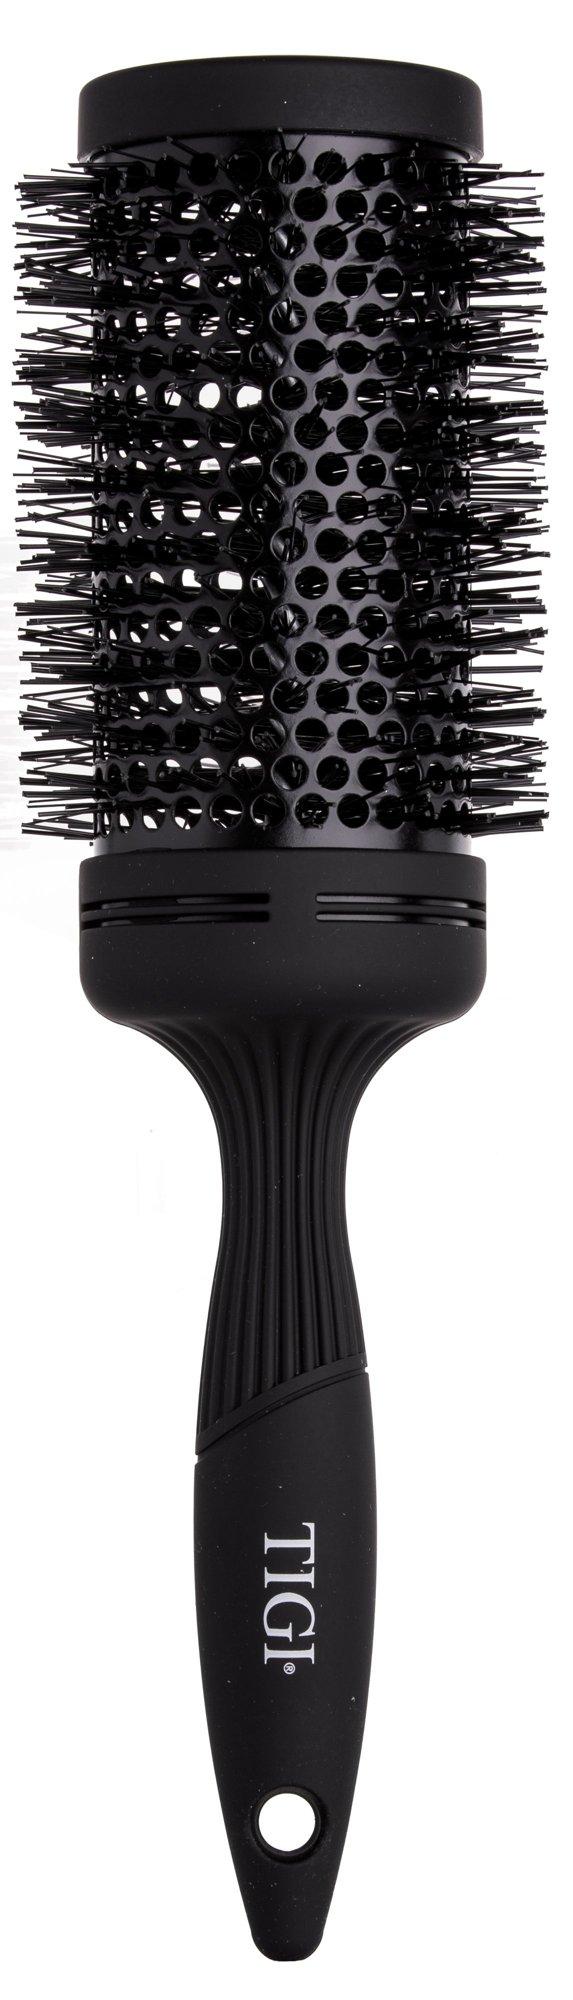 Tigi Pro Extra Large Round Brush Cosmetic 1ml